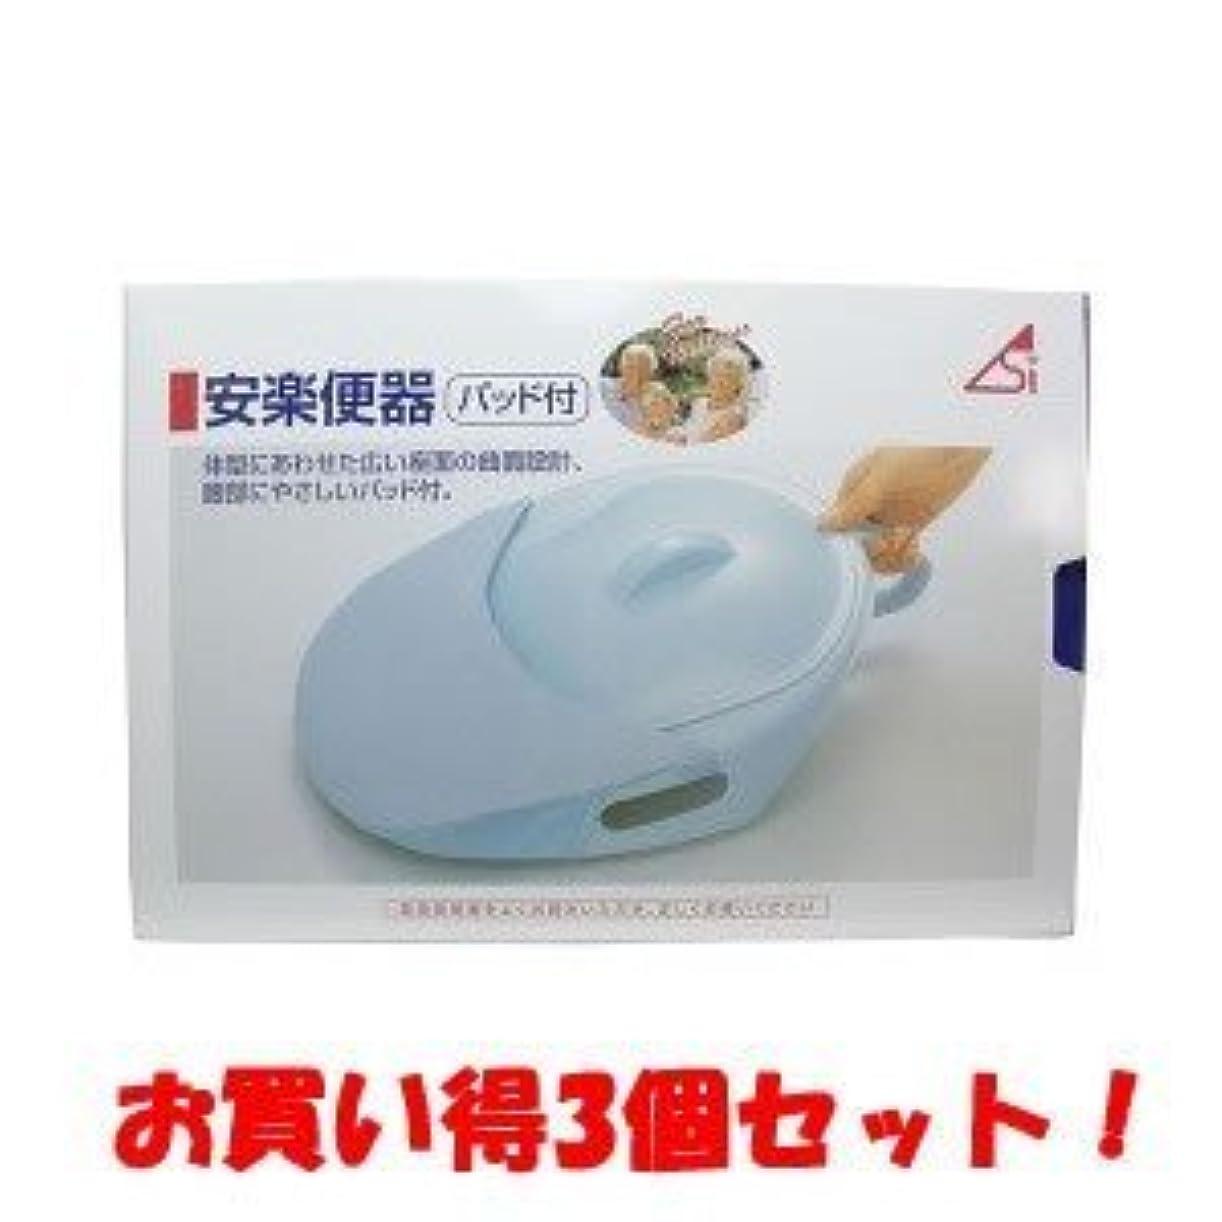 ミント栄光のブラケット(浅井商事)安楽便器 パッド付 1個入り(お買い得3個セット)